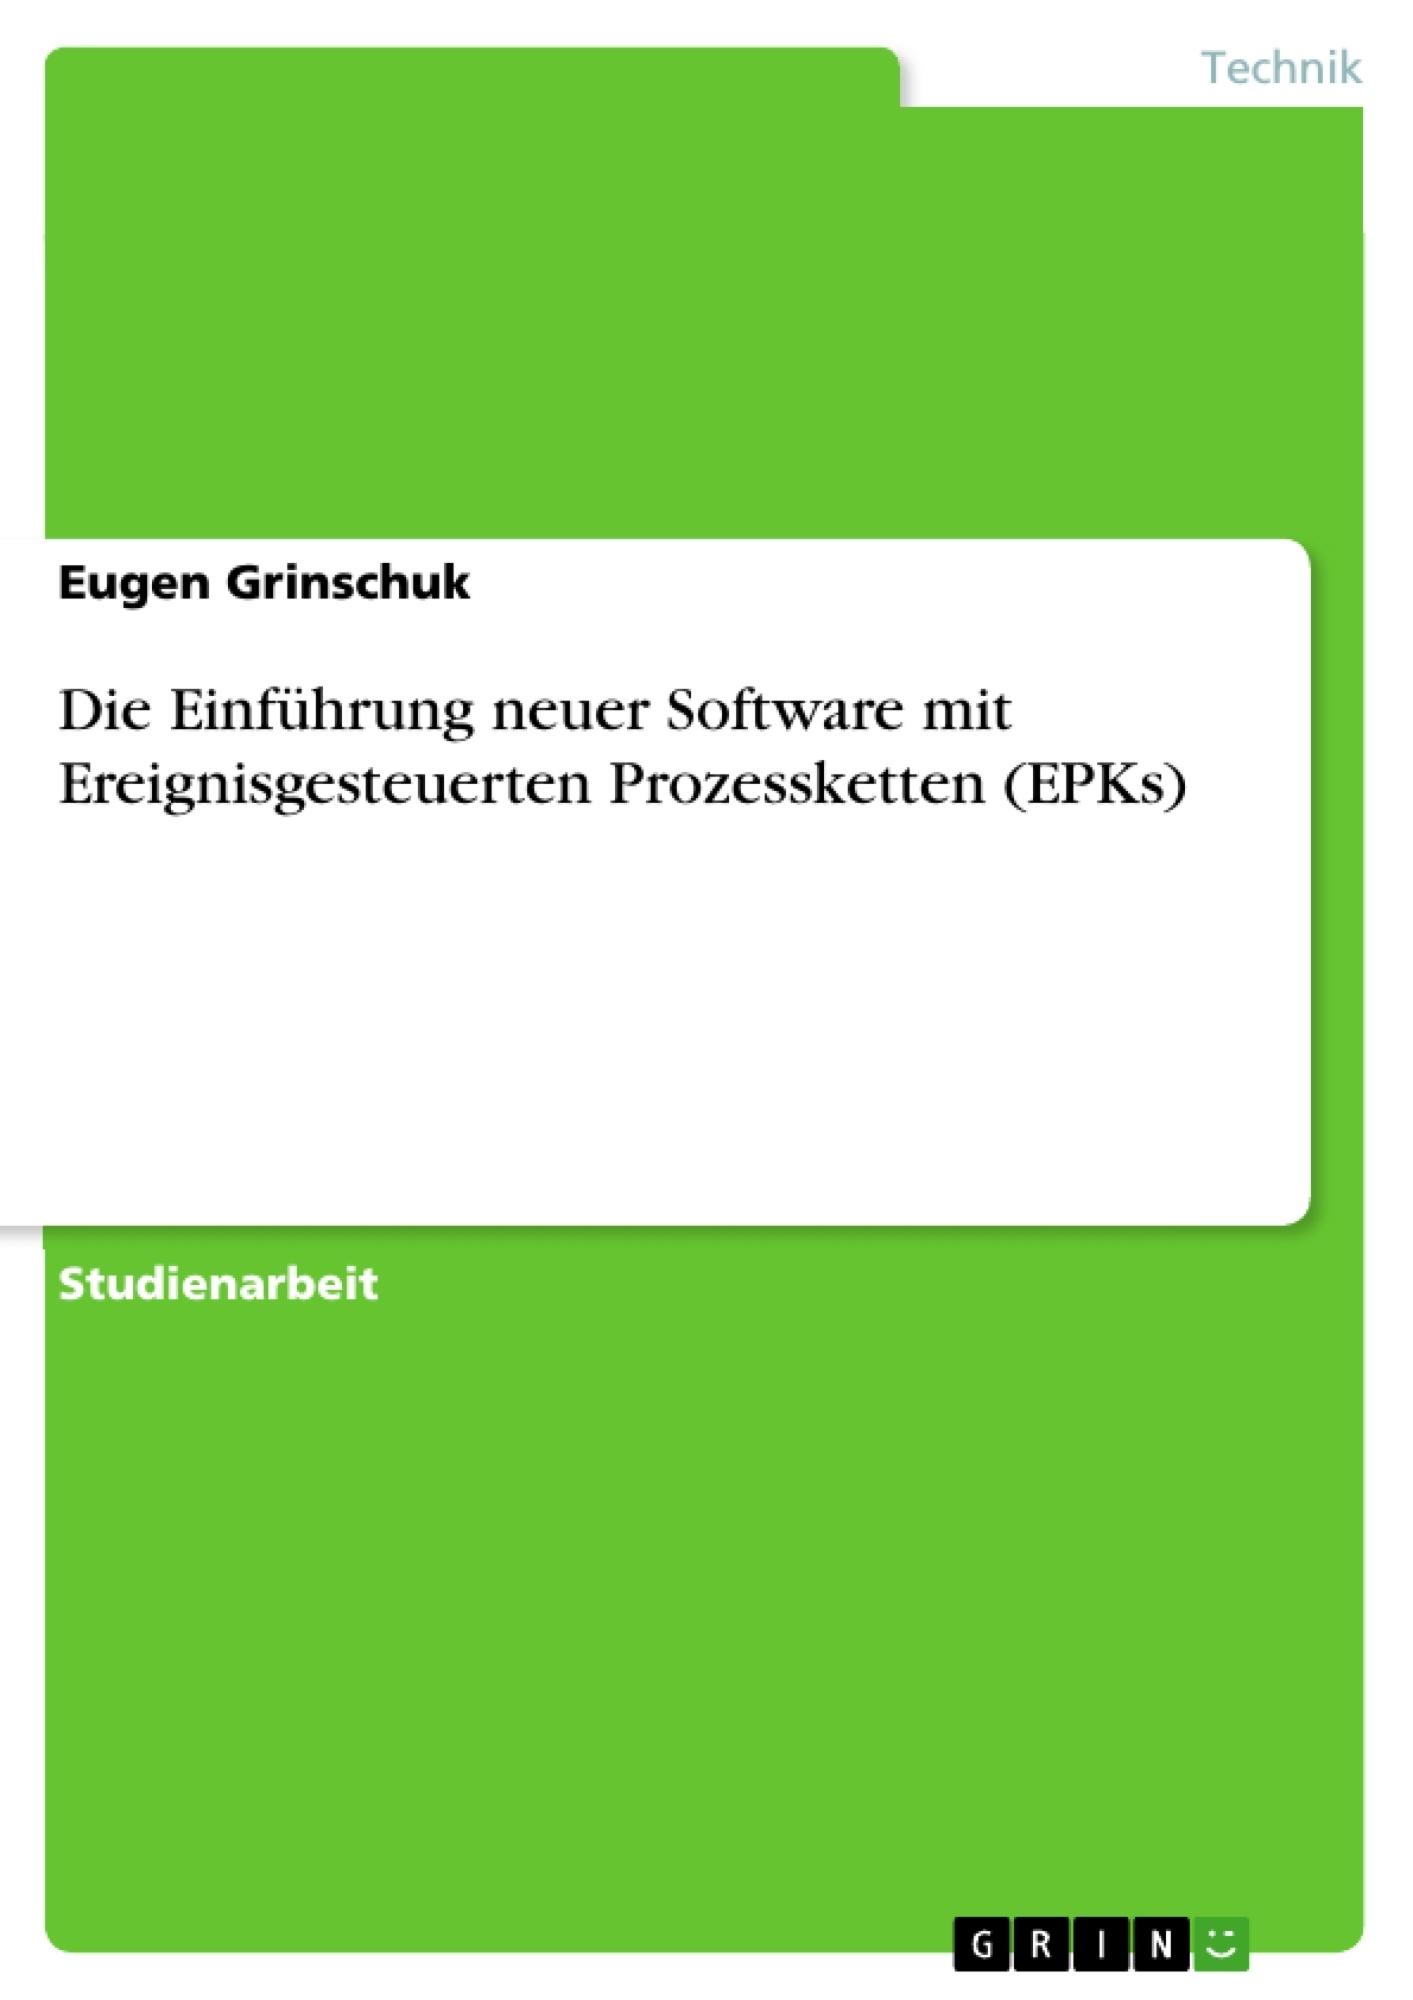 Titel: Die Einführung neuer Software mit Ereignisgesteuerten Prozessketten (EPKs)